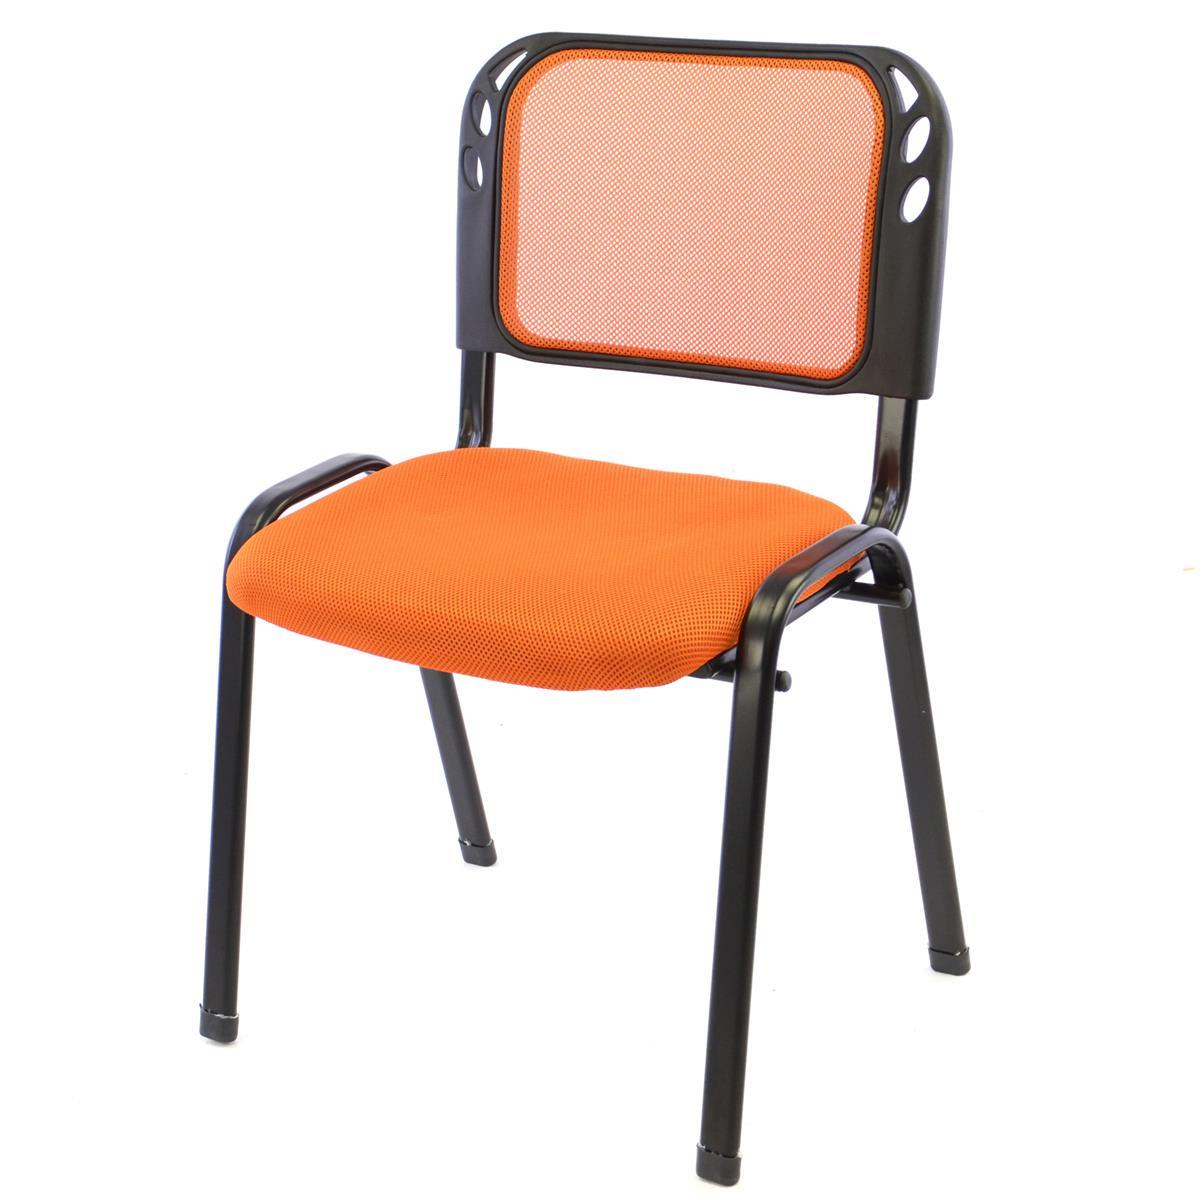 Besucherstuhl Bürostuhl Konferenzstuhl Sitzfläche orange gepolstert stapelbar